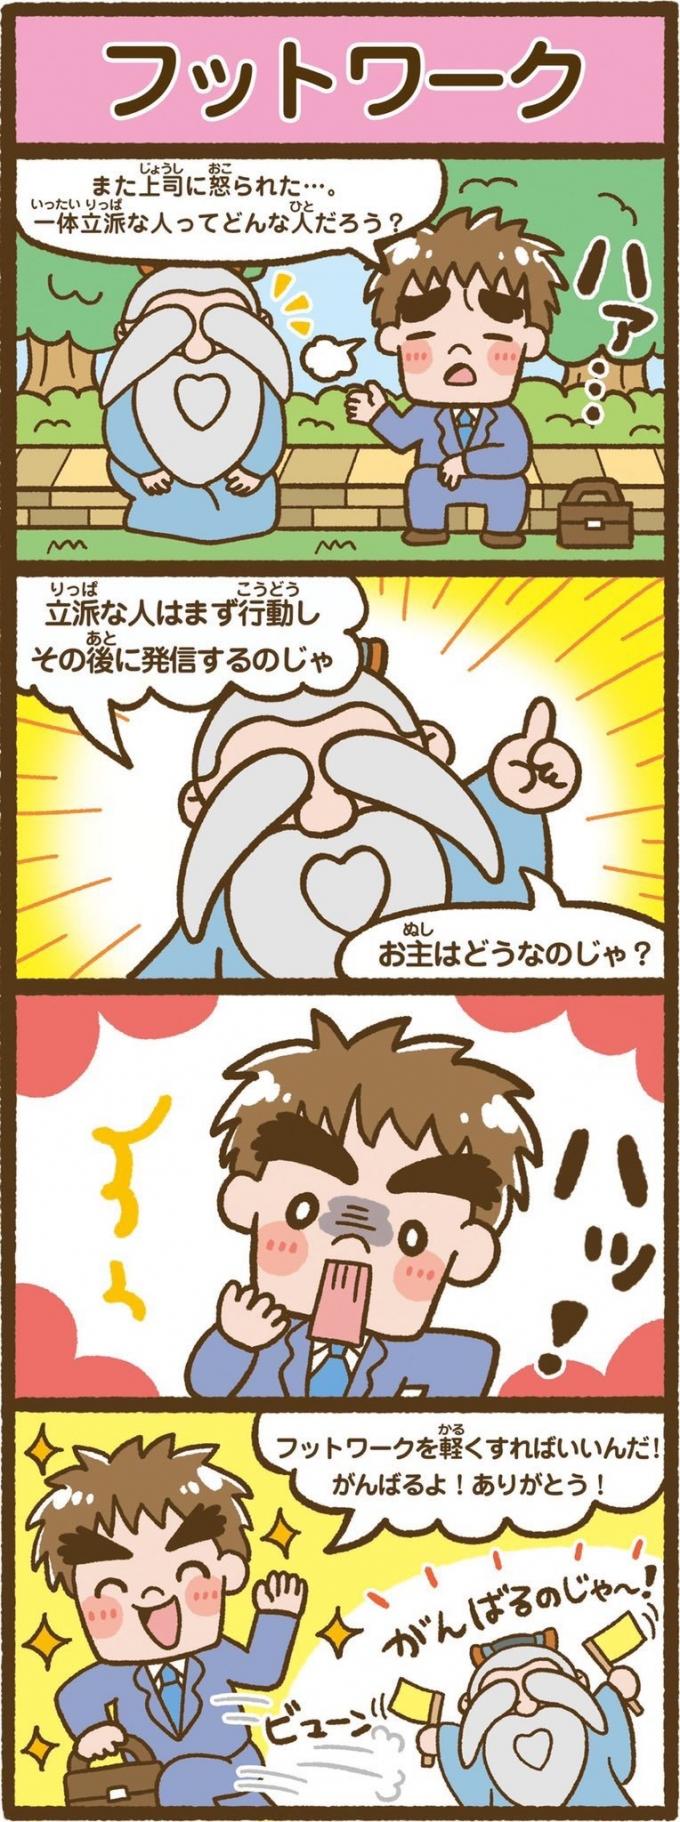 中国の人気ゆるキャラ『孔子爺や』の4コマ漫画第1弾~第3弾のサムネイル画像